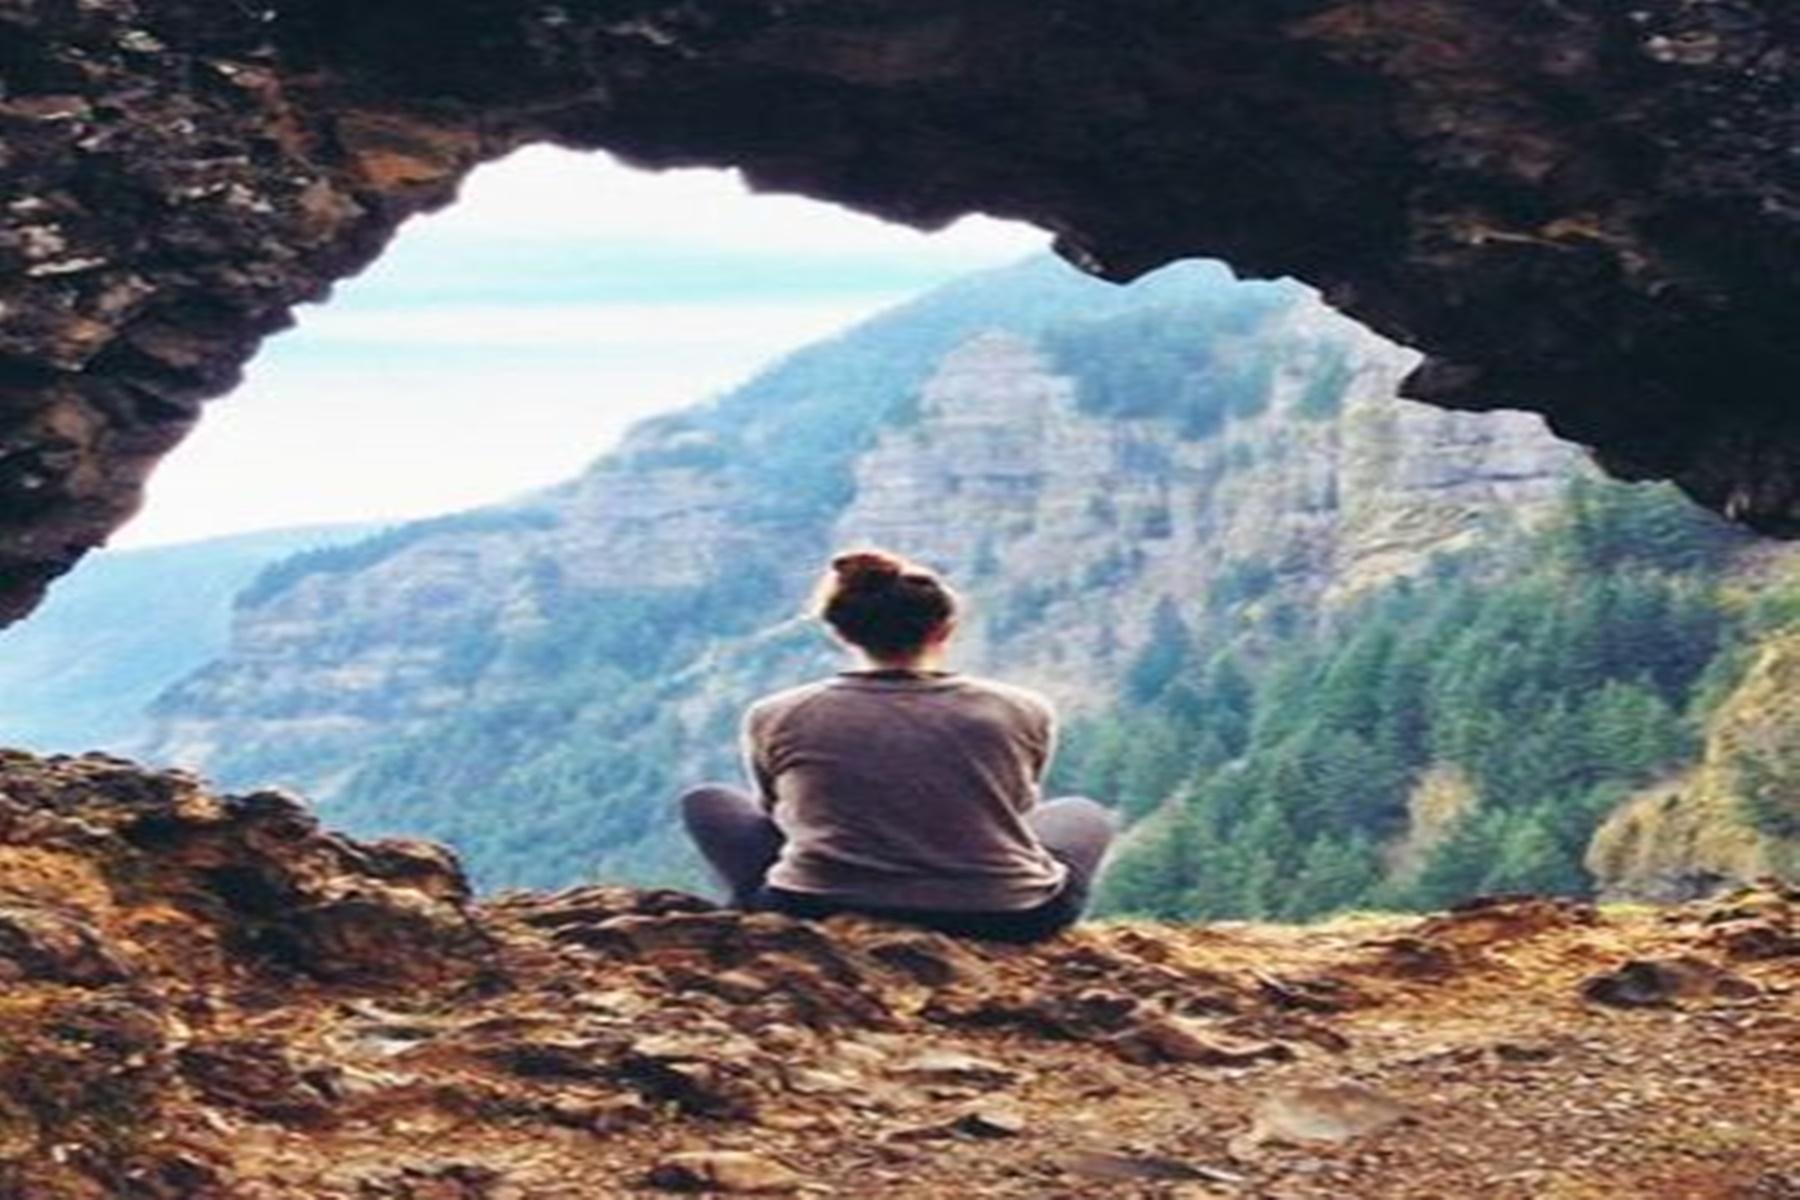 Αυτοφροντίδα : Η σπουδαιότητα της στην καλή υγεία